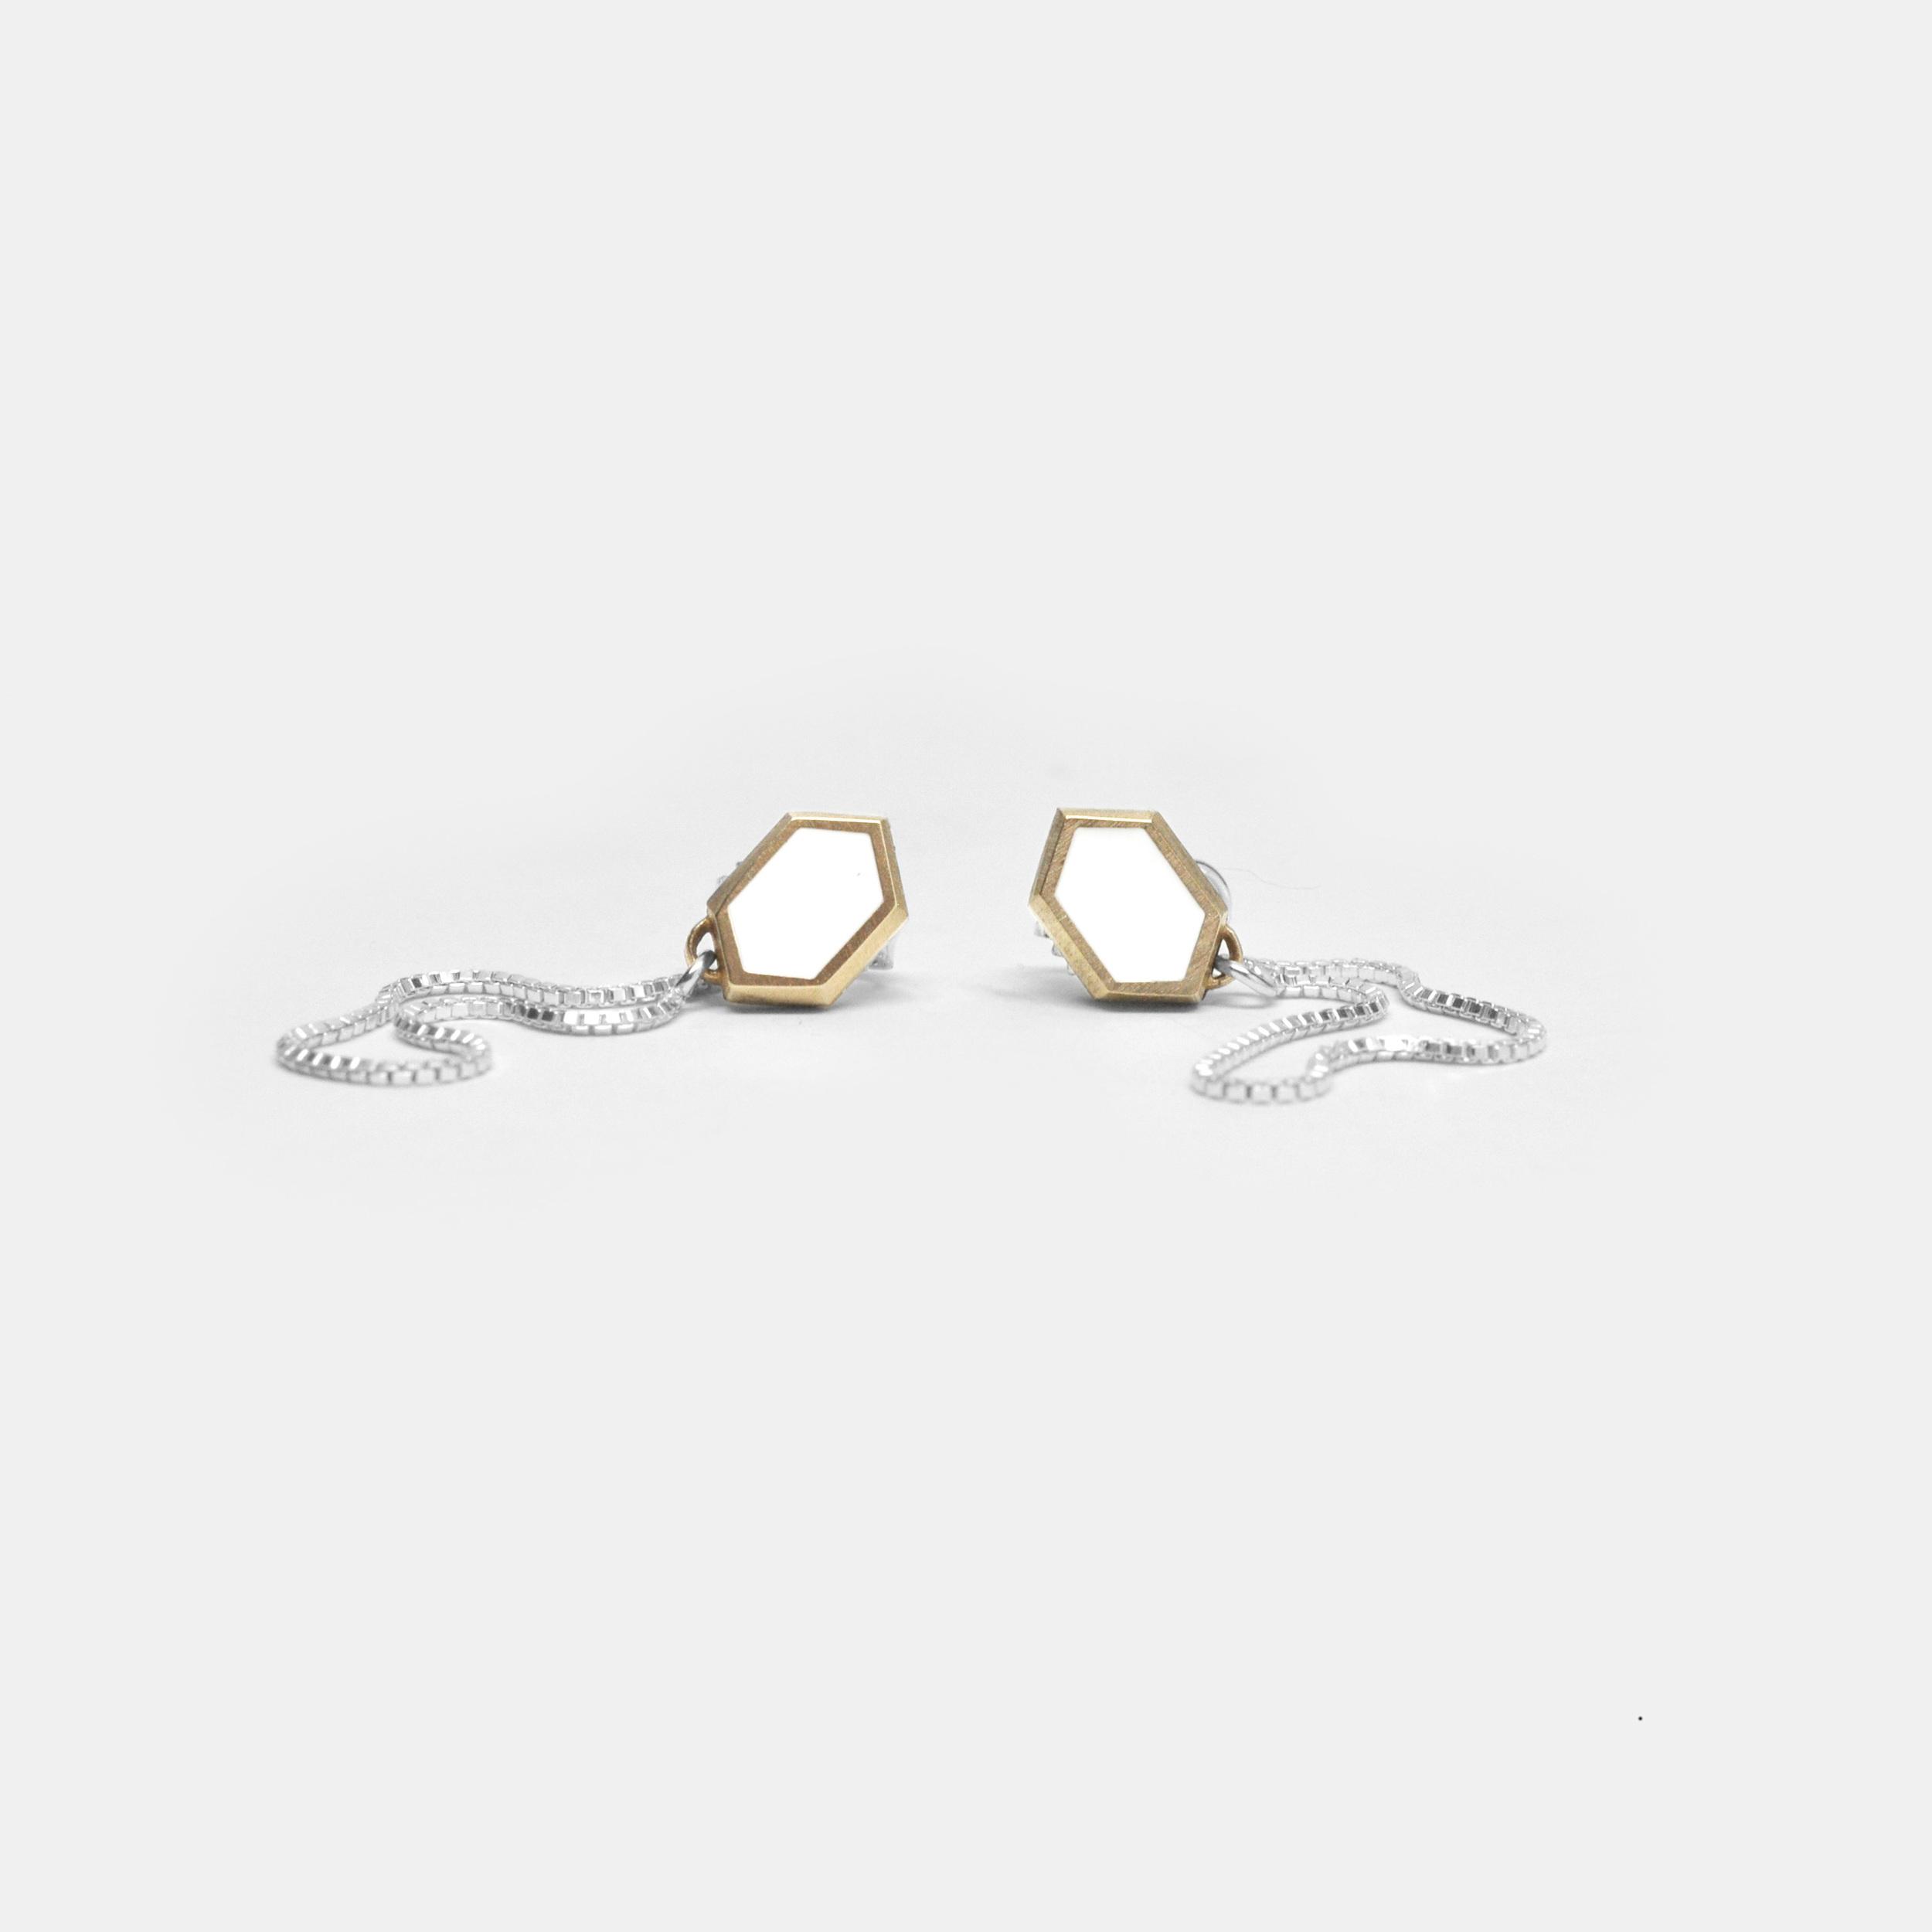 Marisa Lomonaco Jewelry Beacon NY